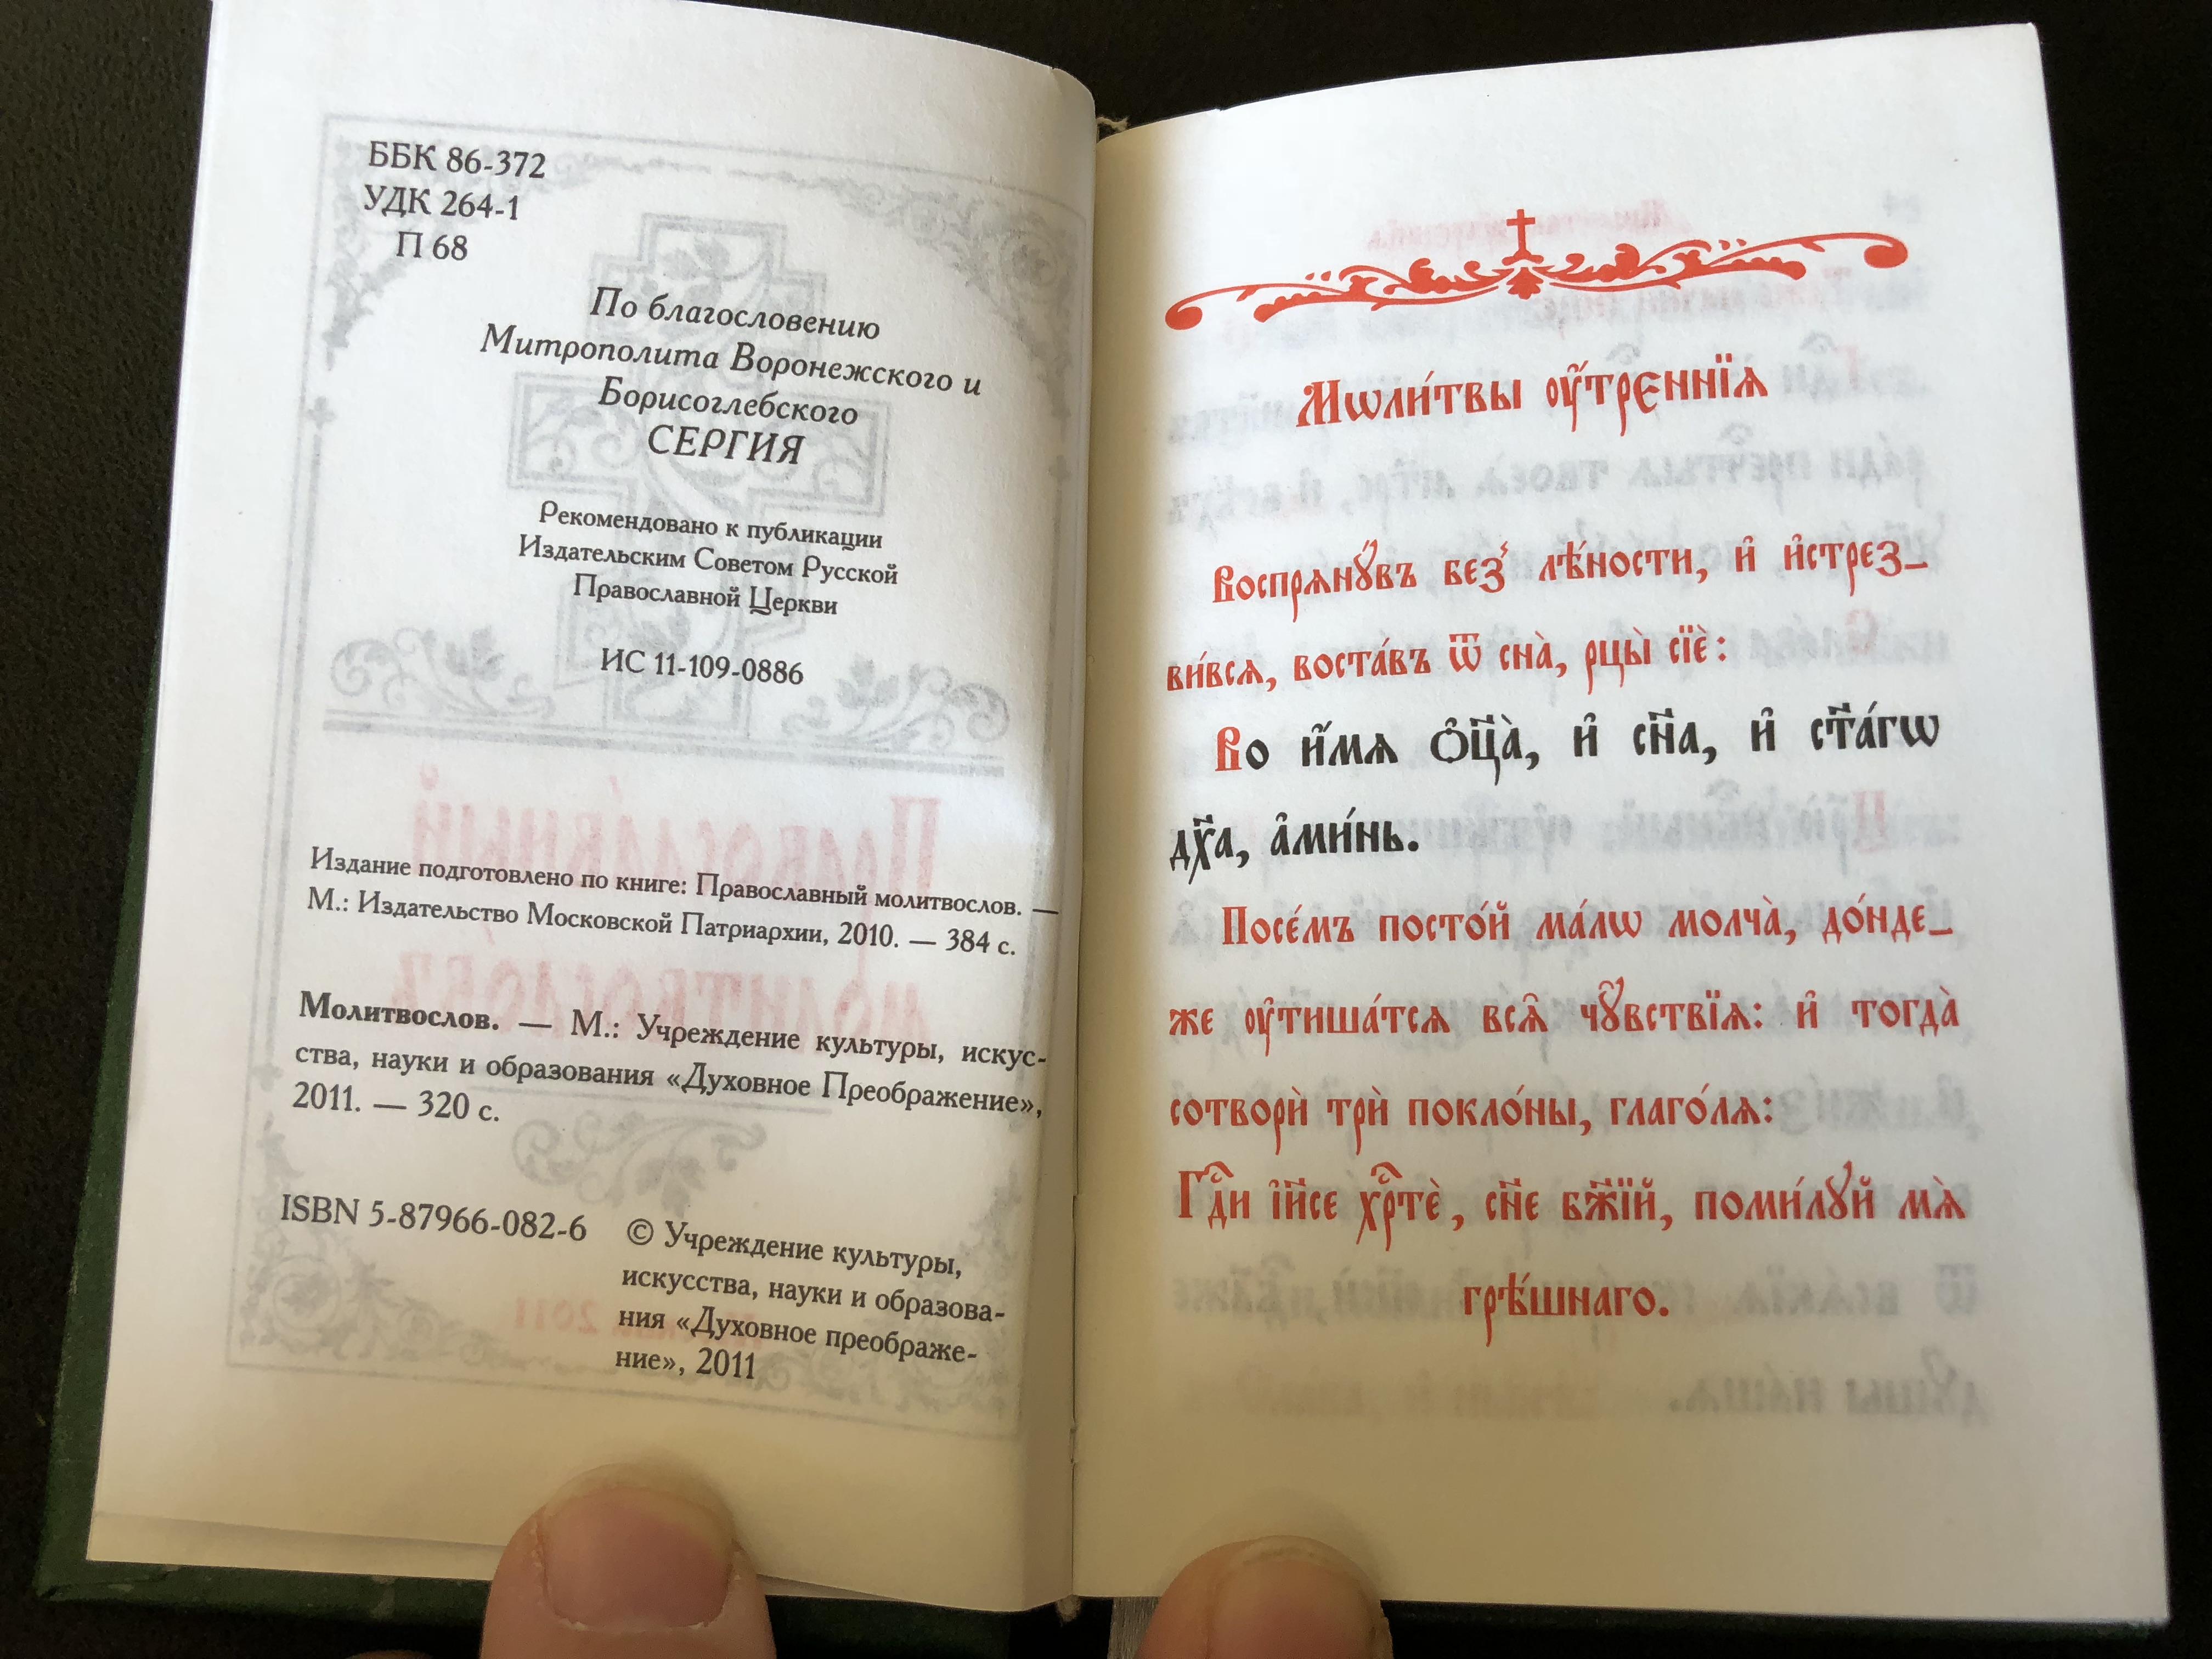 church-slavonic-pravoslav-green-prayer-book-pravoslavnij-8-.jpg